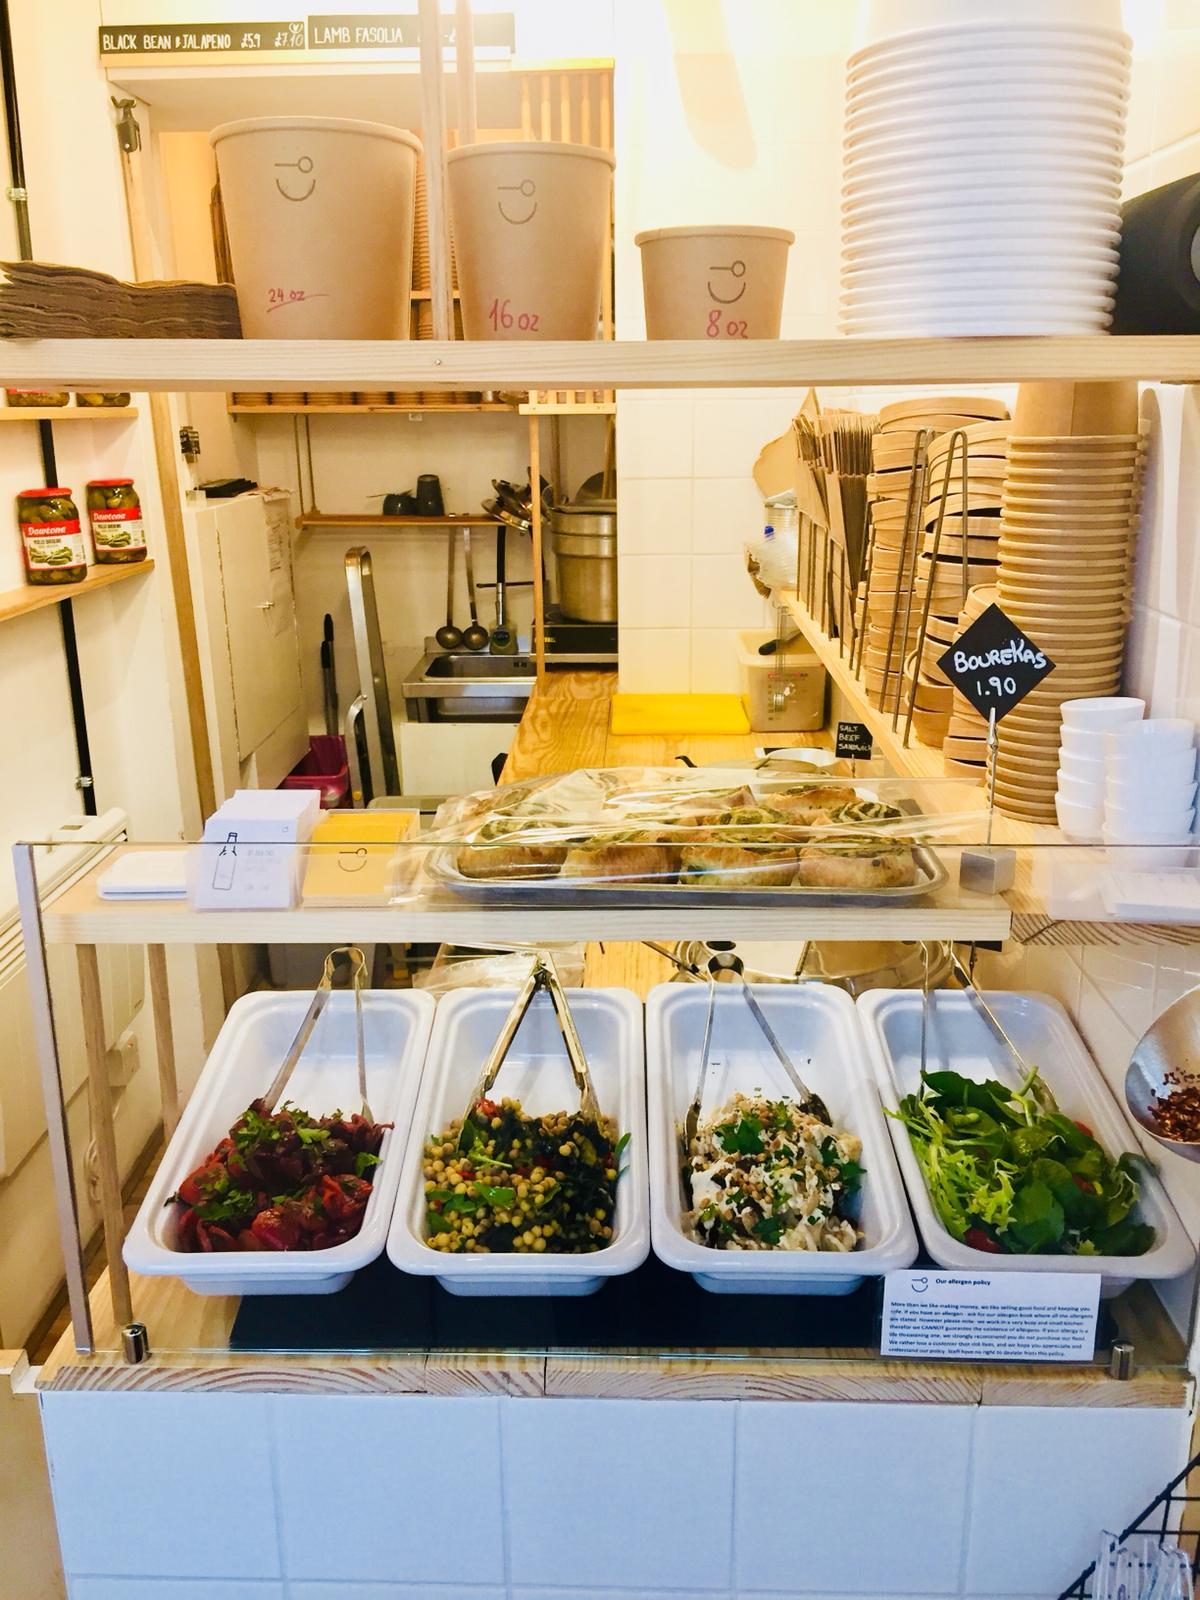 Salad selection at Kingly.